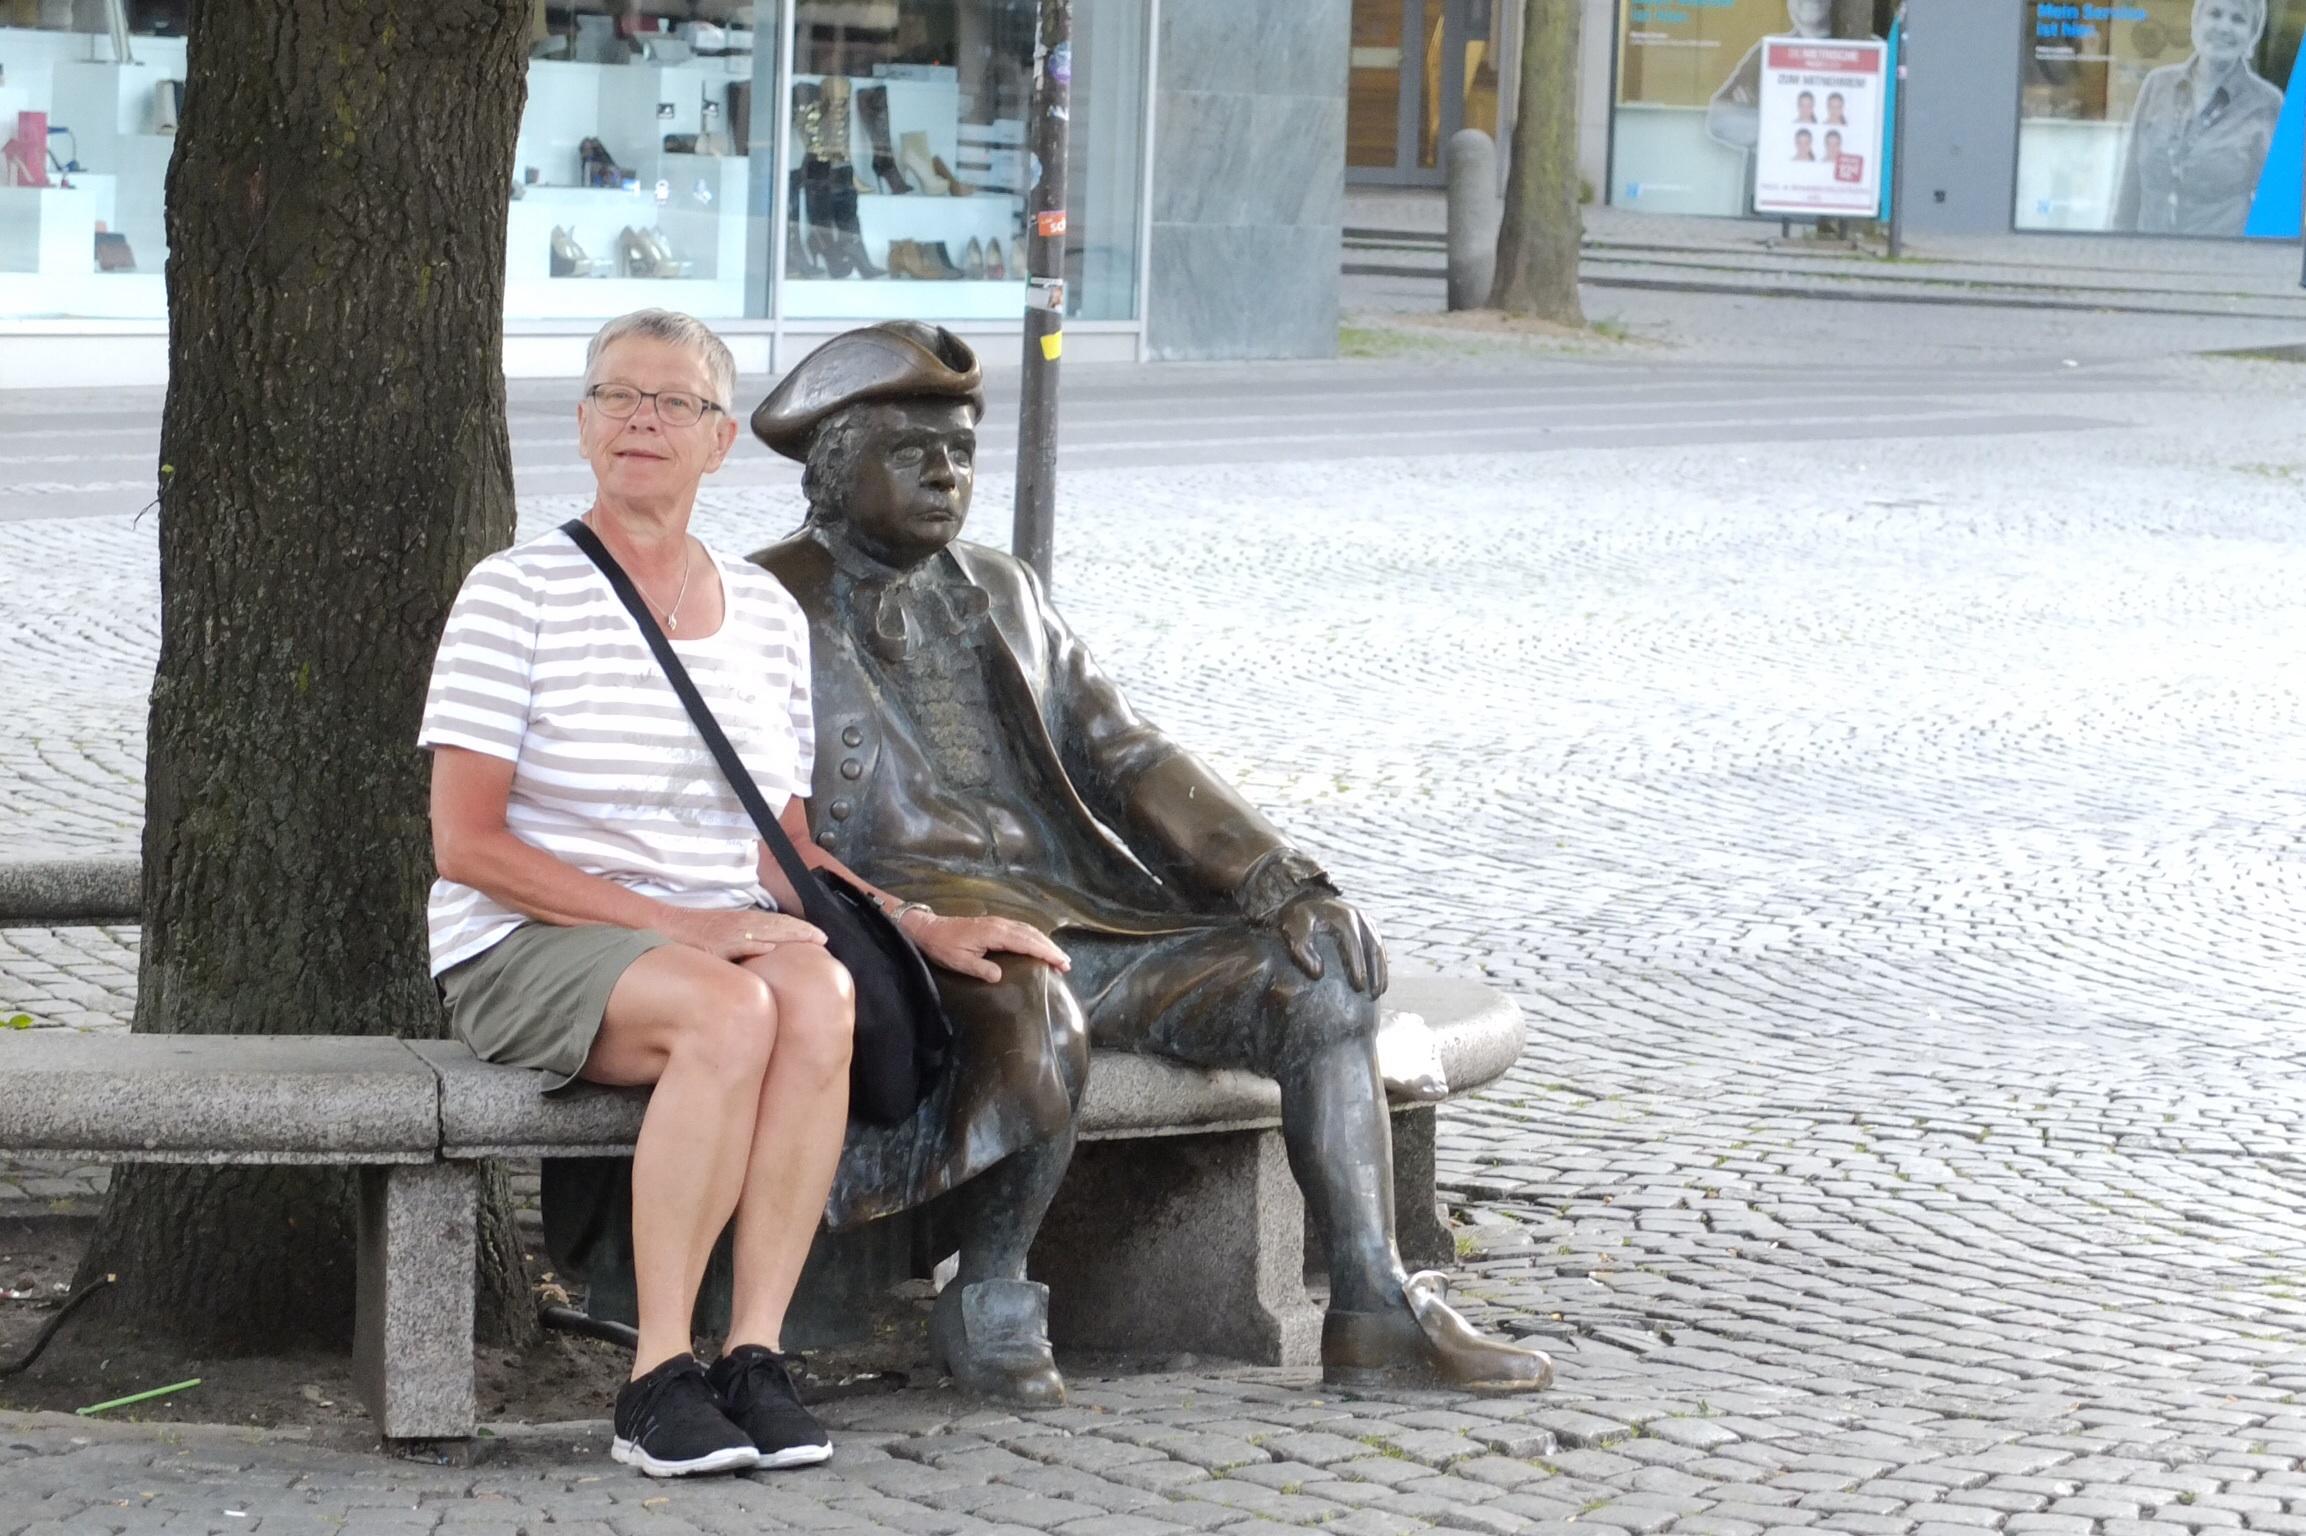 På en bænk på et af Kiels torve fik Lene selskab af en broncekold mand.